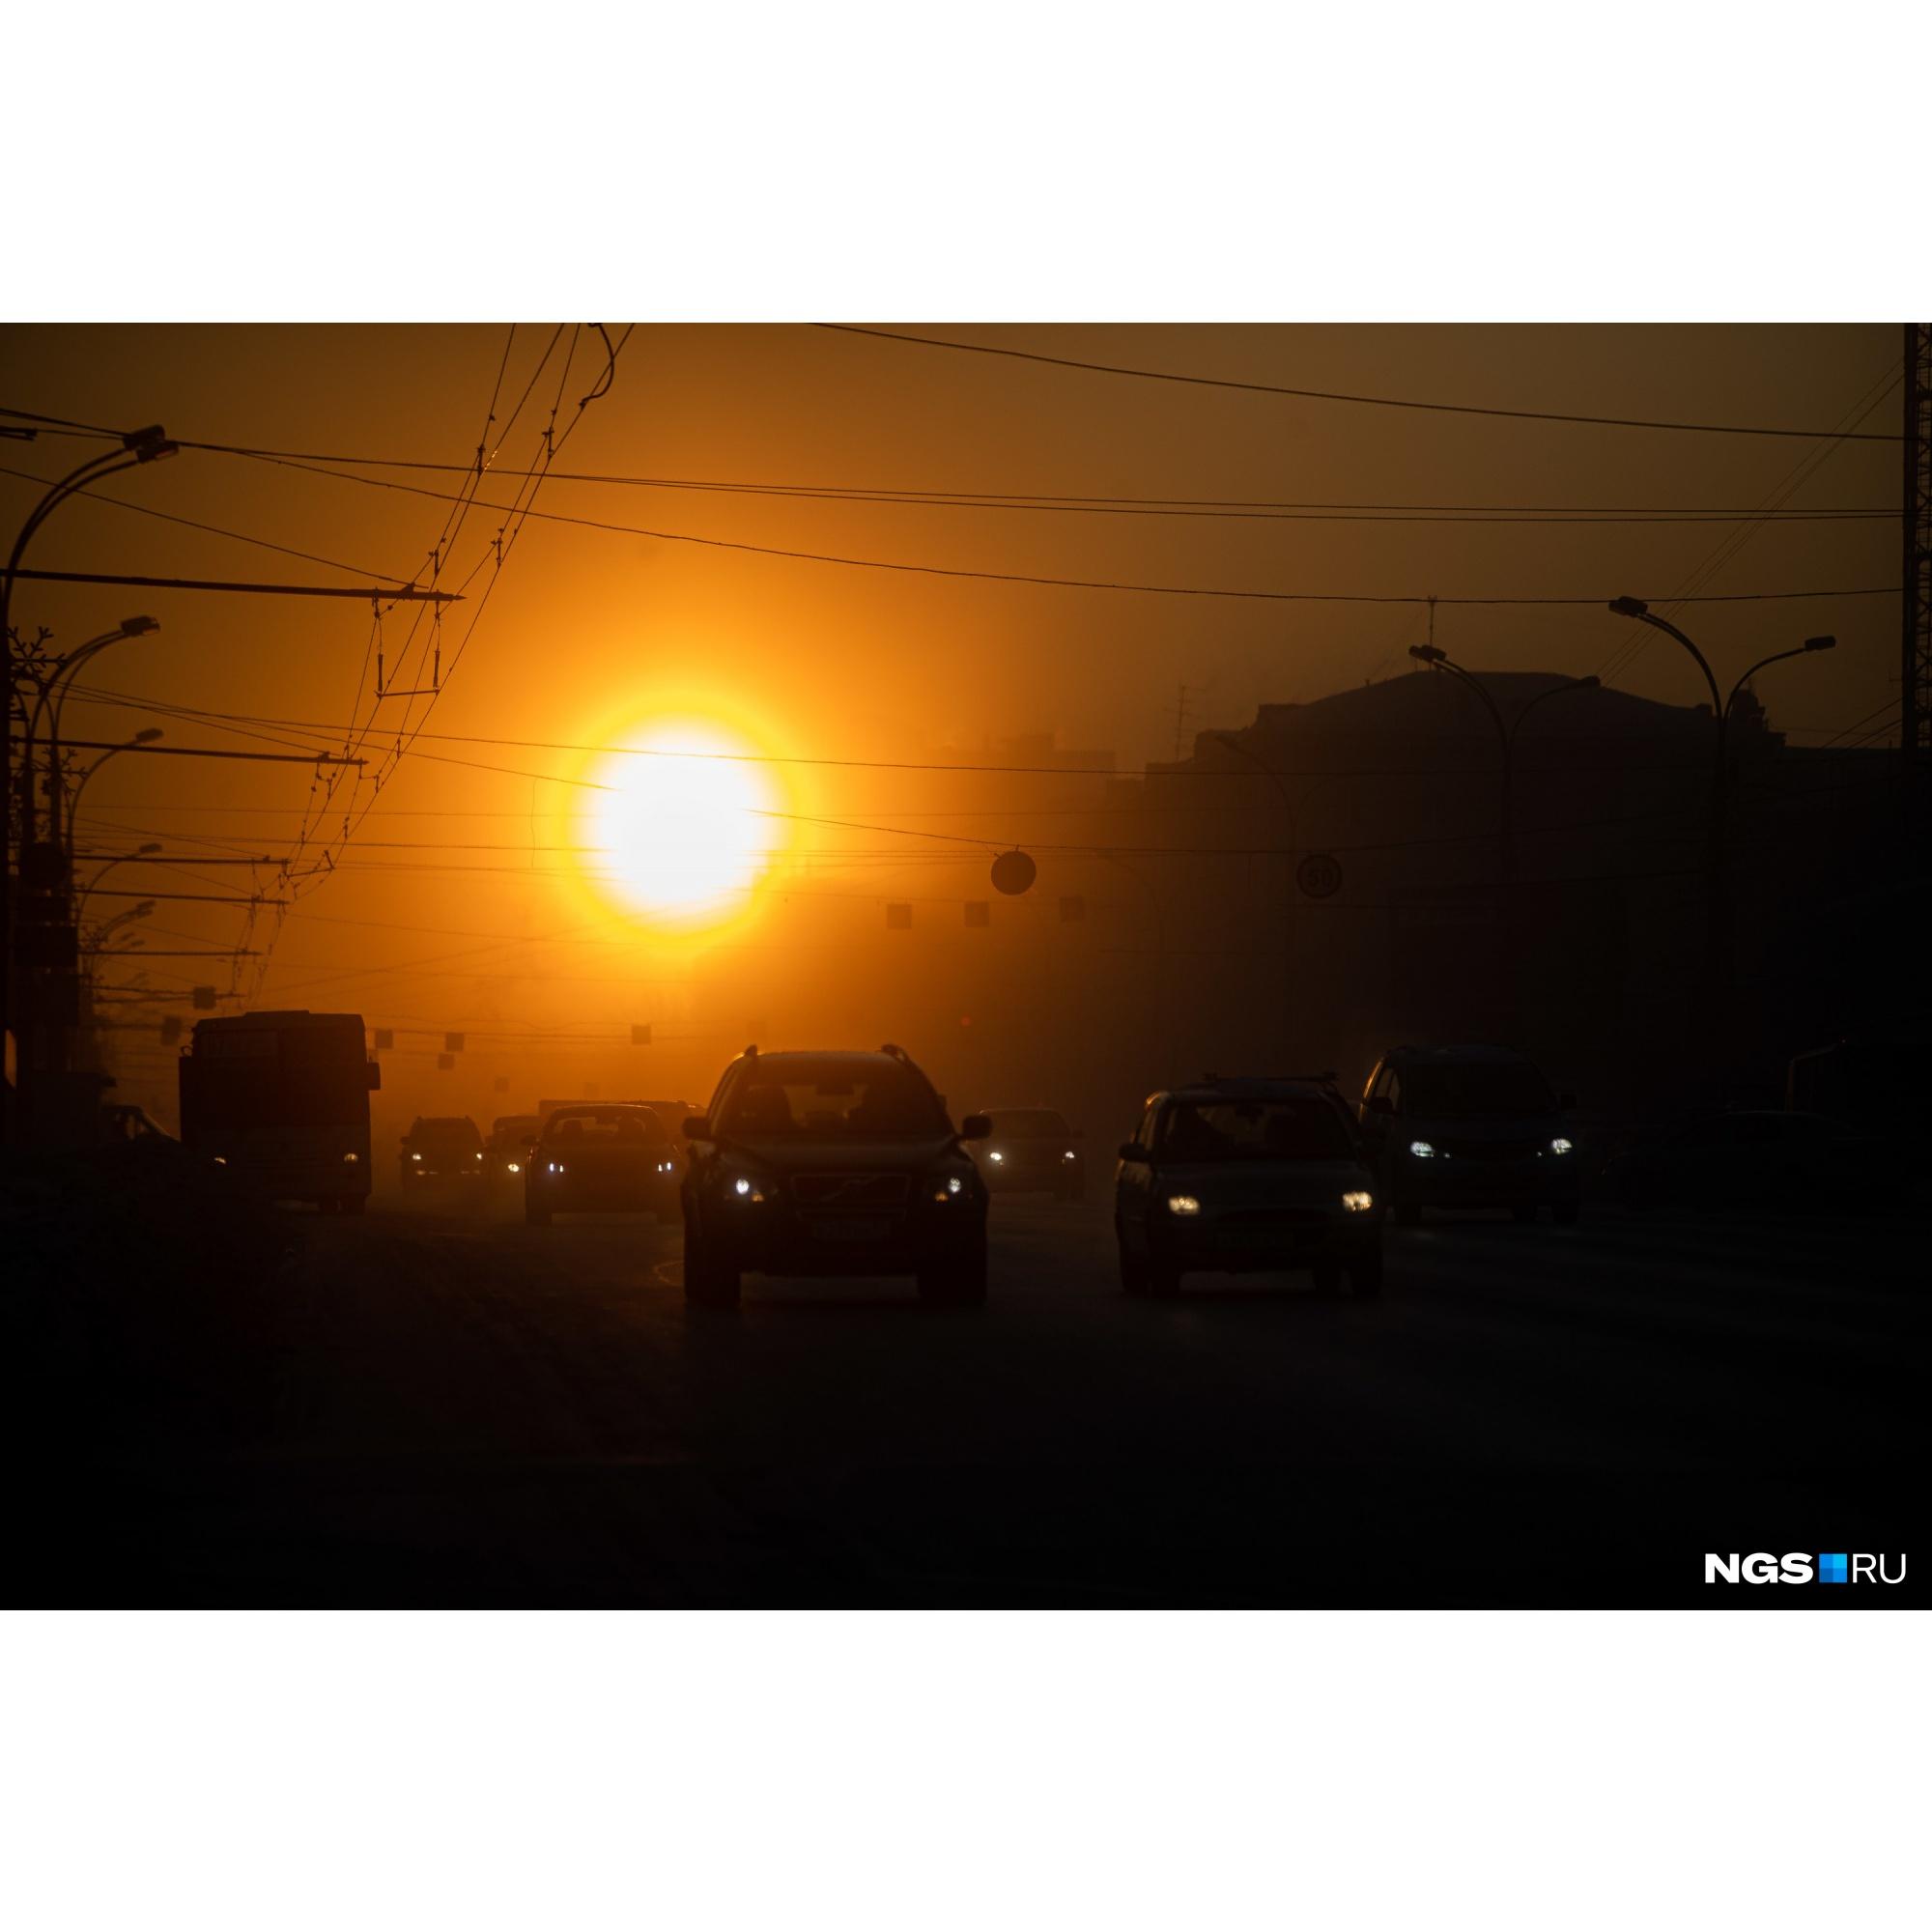 Уже второй день подряд в Новосибирской области держатся экстремальные морозы